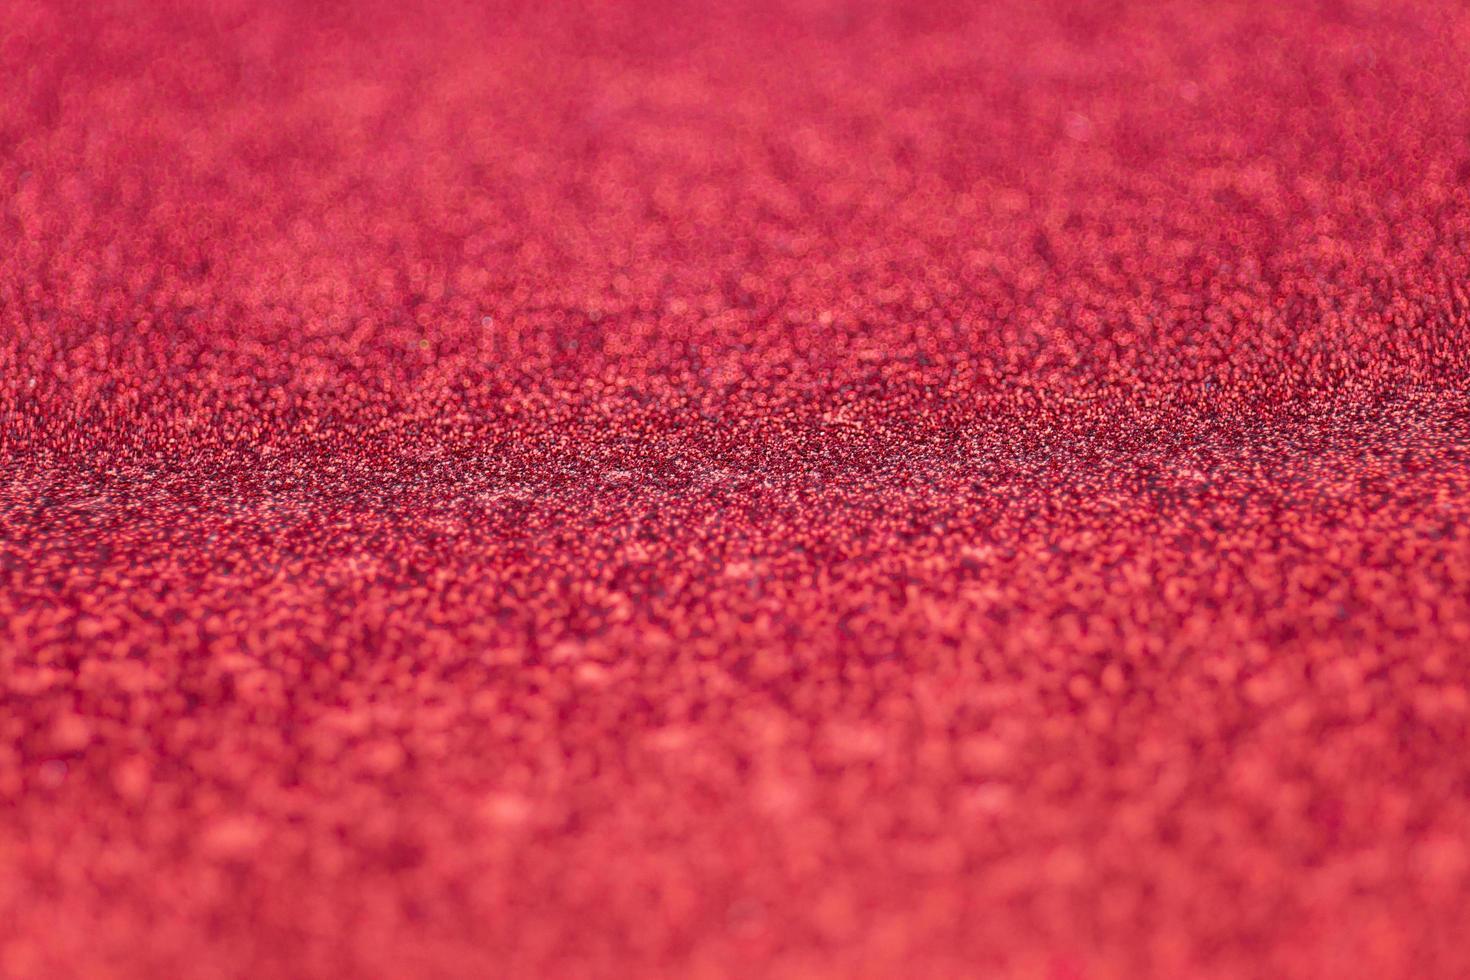 messa a fuoco selettiva su carta glitter rossa strutturata con una sottile profondità di campo foto